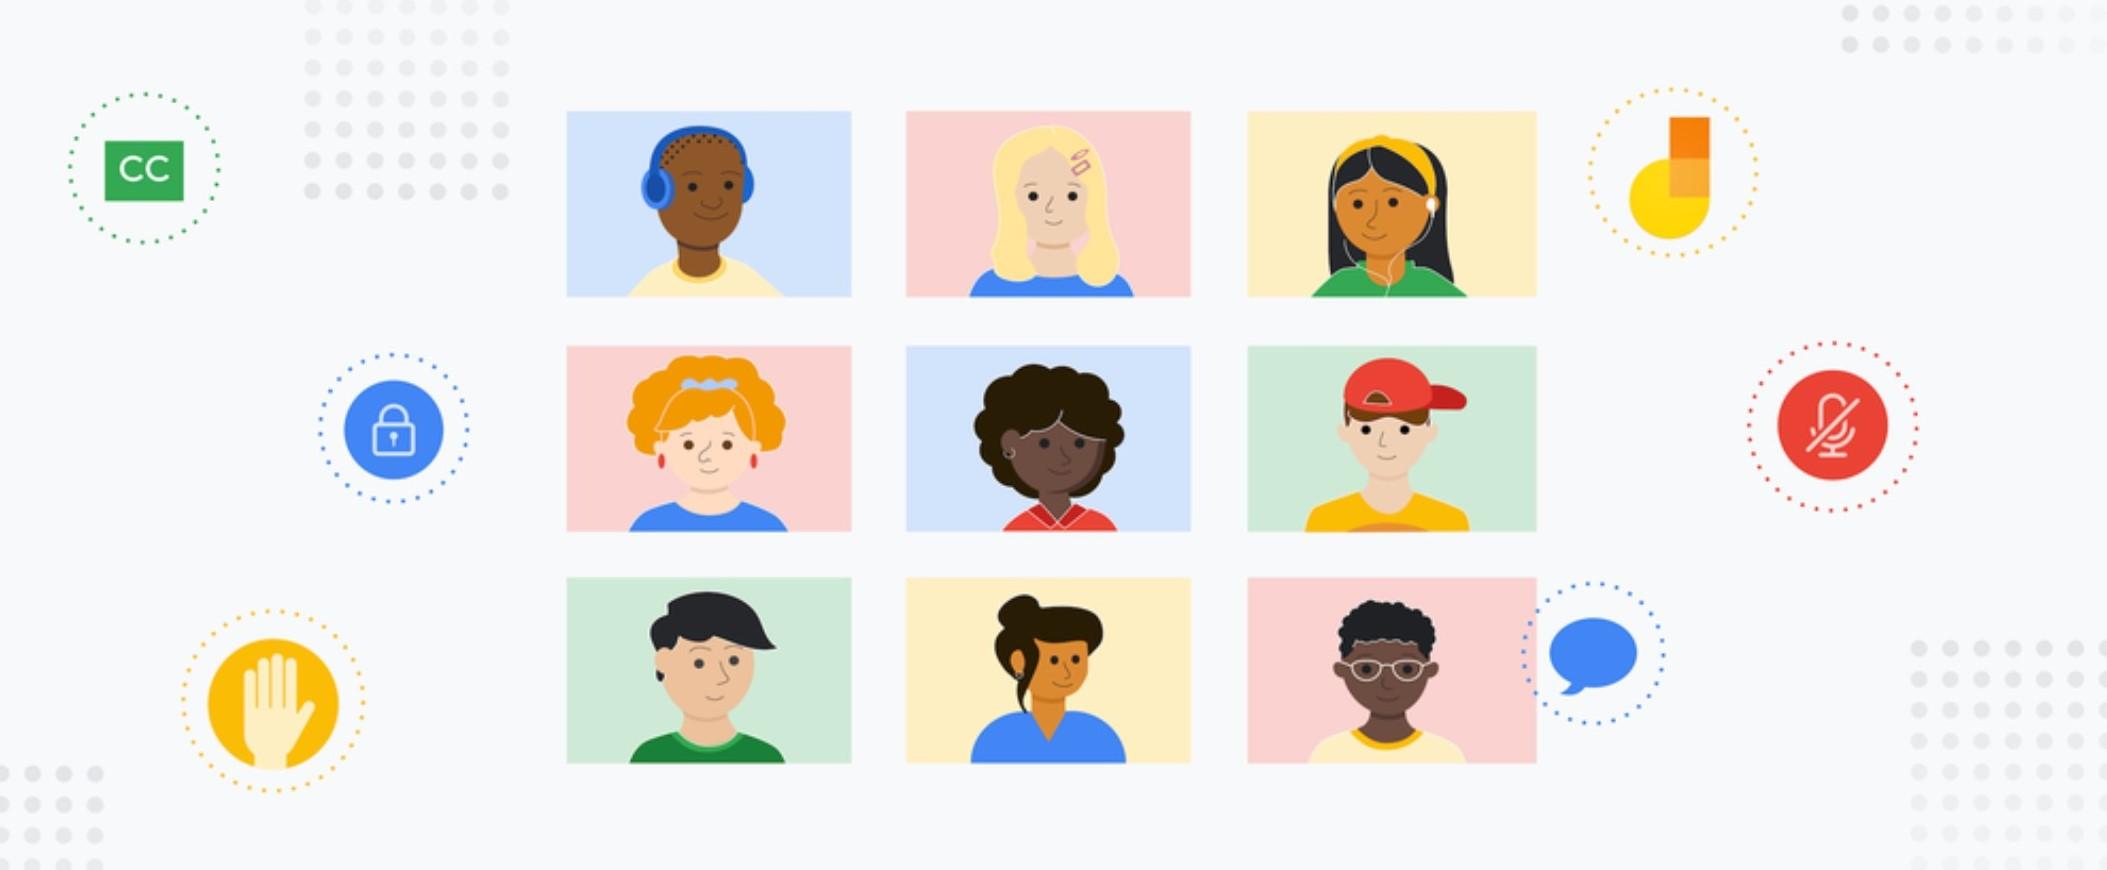 Google Meet wreszcie przestanie być zacofany względem Zooma 18 Google Meet